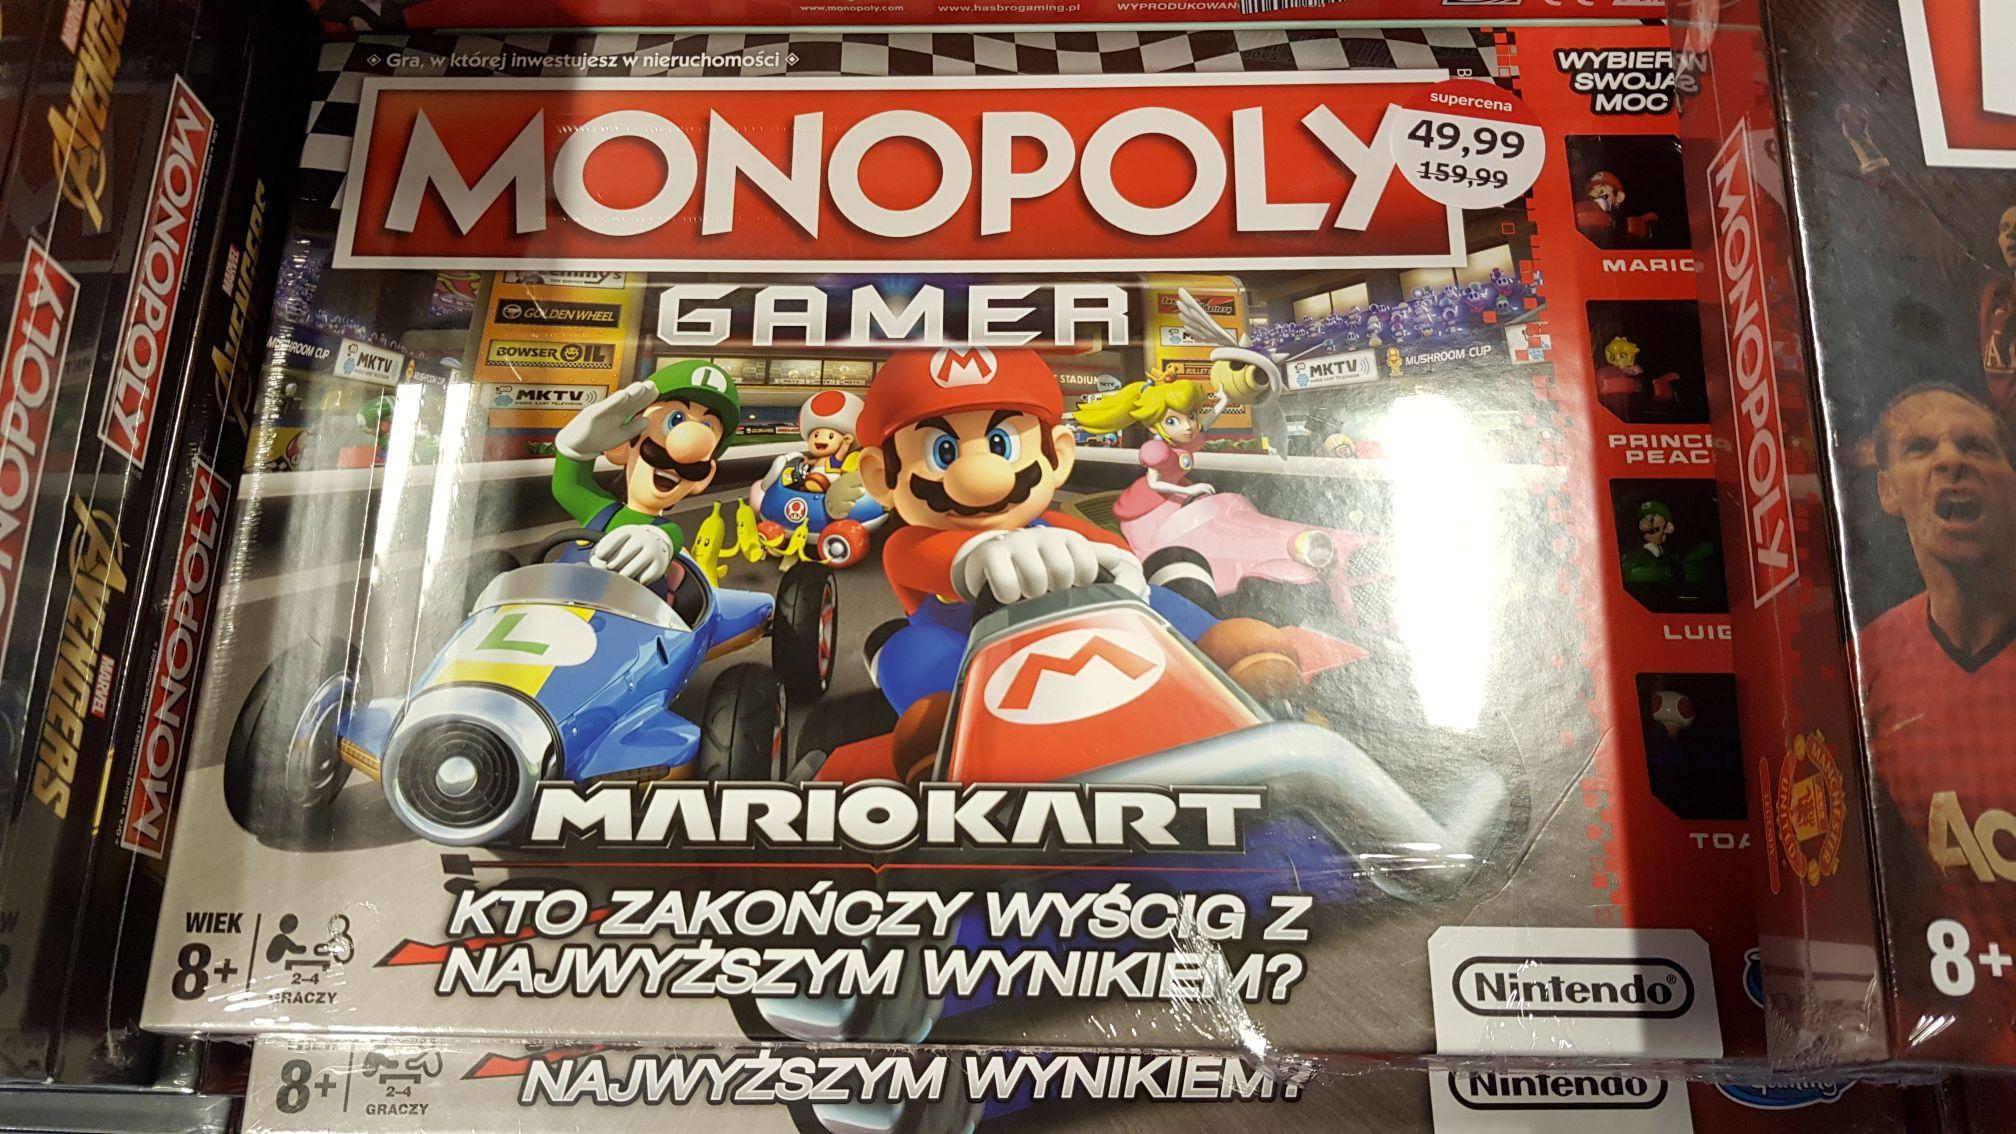 Monopoly Mario Kart EMPIK (w stacjonarnych jeszcze taniej)